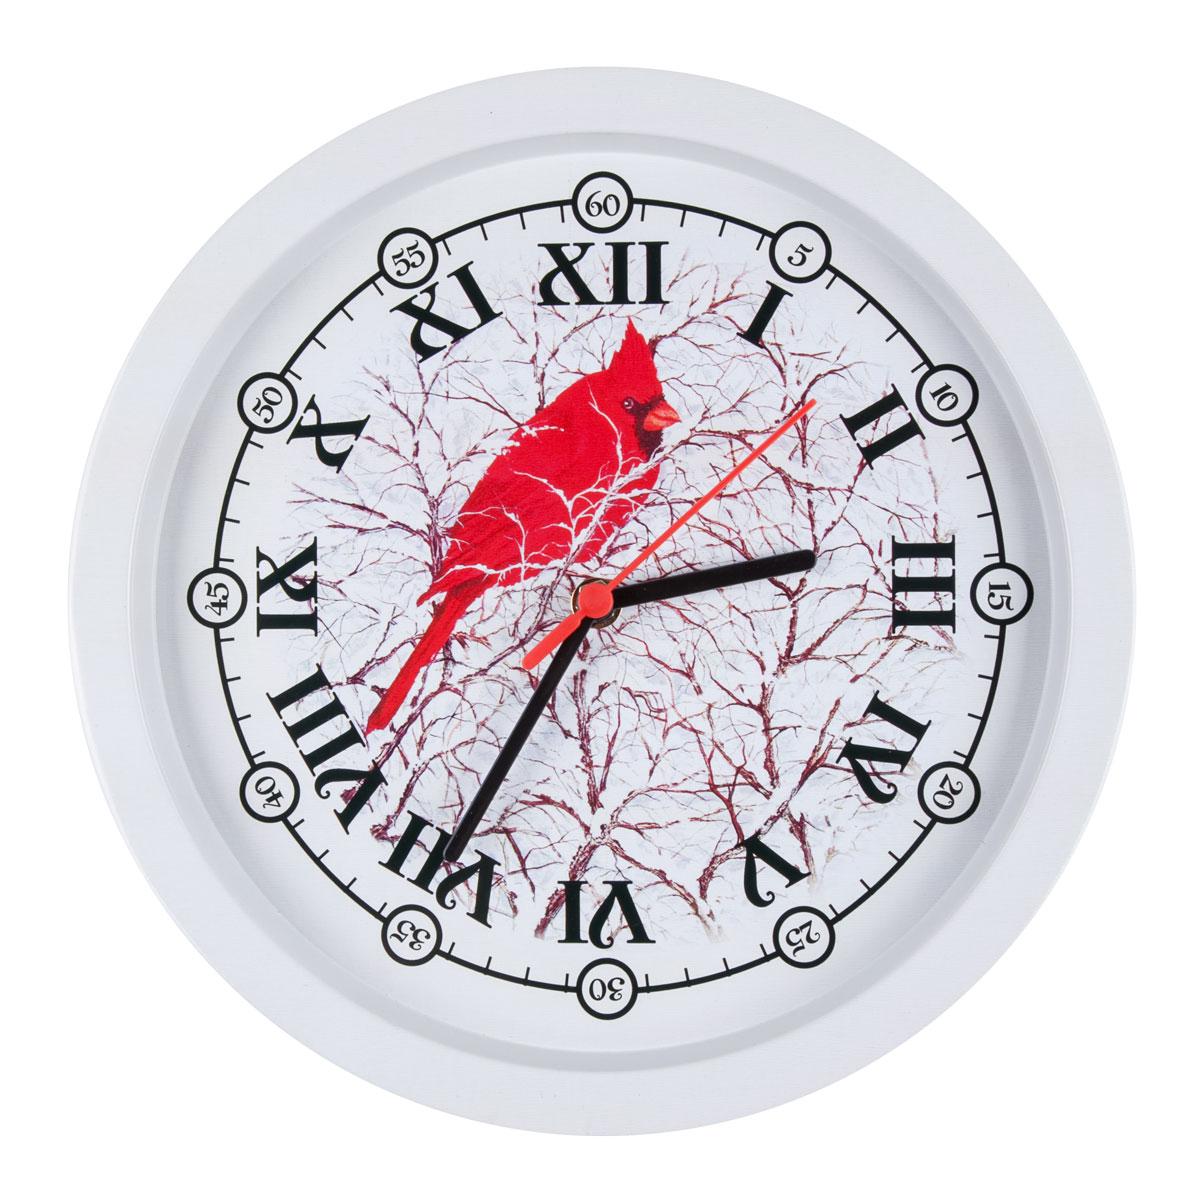 Часы настенные Miolla ПопугайCH002Оригинальные настенные часы круглой формы выполнены из стали. Часы имеют три стрелки - часовую, минутную и секундную и циферблат с цифрами. Необычное дизайнерское решение и качество исполнения придутся по вкусу каждому. Часы работают от 1 батарейки типа АА напряжением 1,5 В.